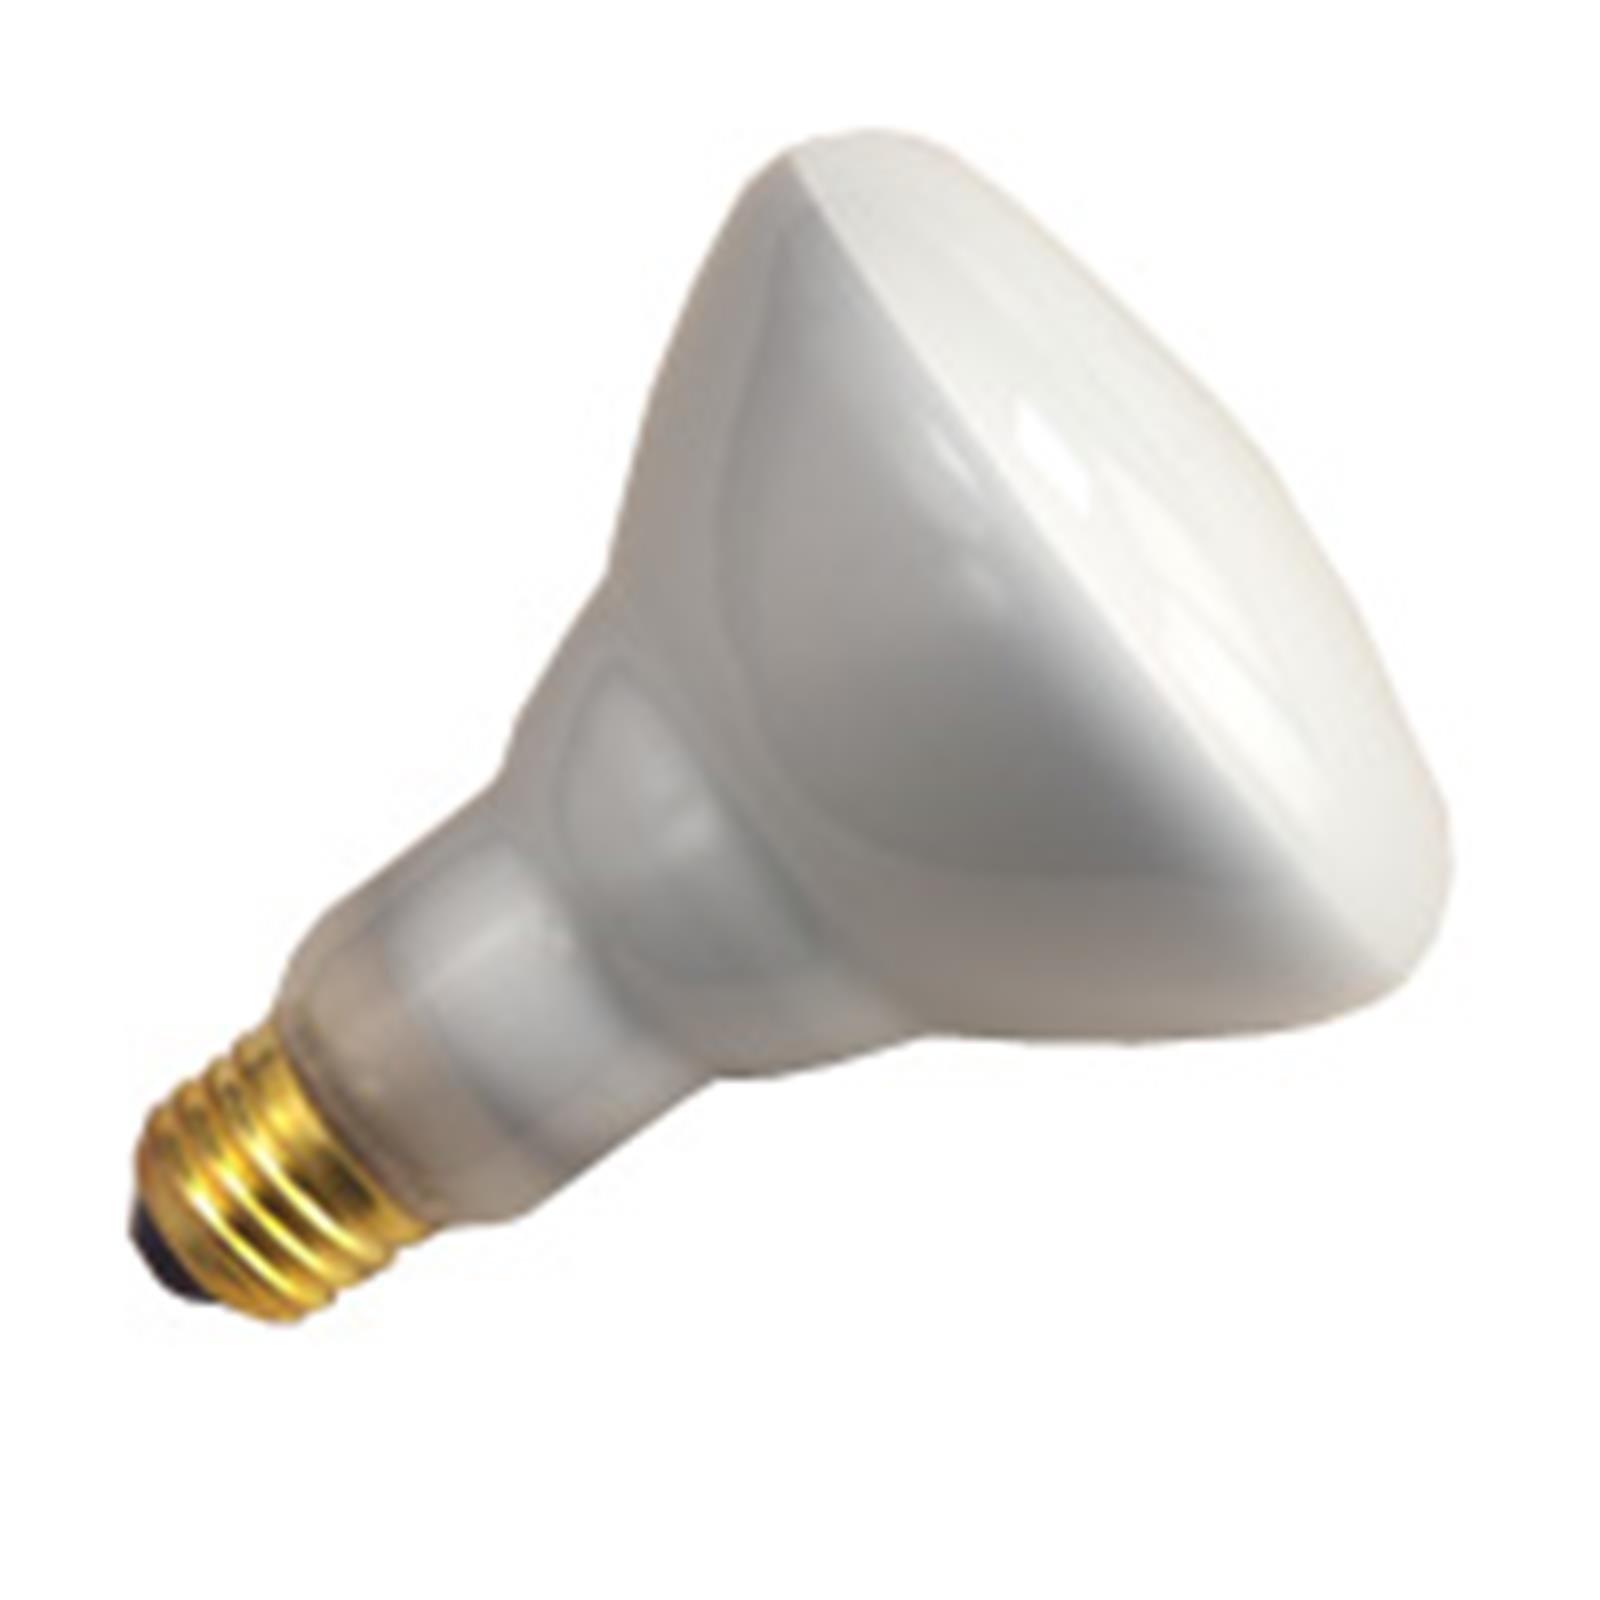 6 Qty. Halco 65W BR30 FL 130V Med 580 LUMENS 5000HR C-9 5.37''''''''MOL BR30FL65 65w 130v Incandescent Flood Lamp Bulb